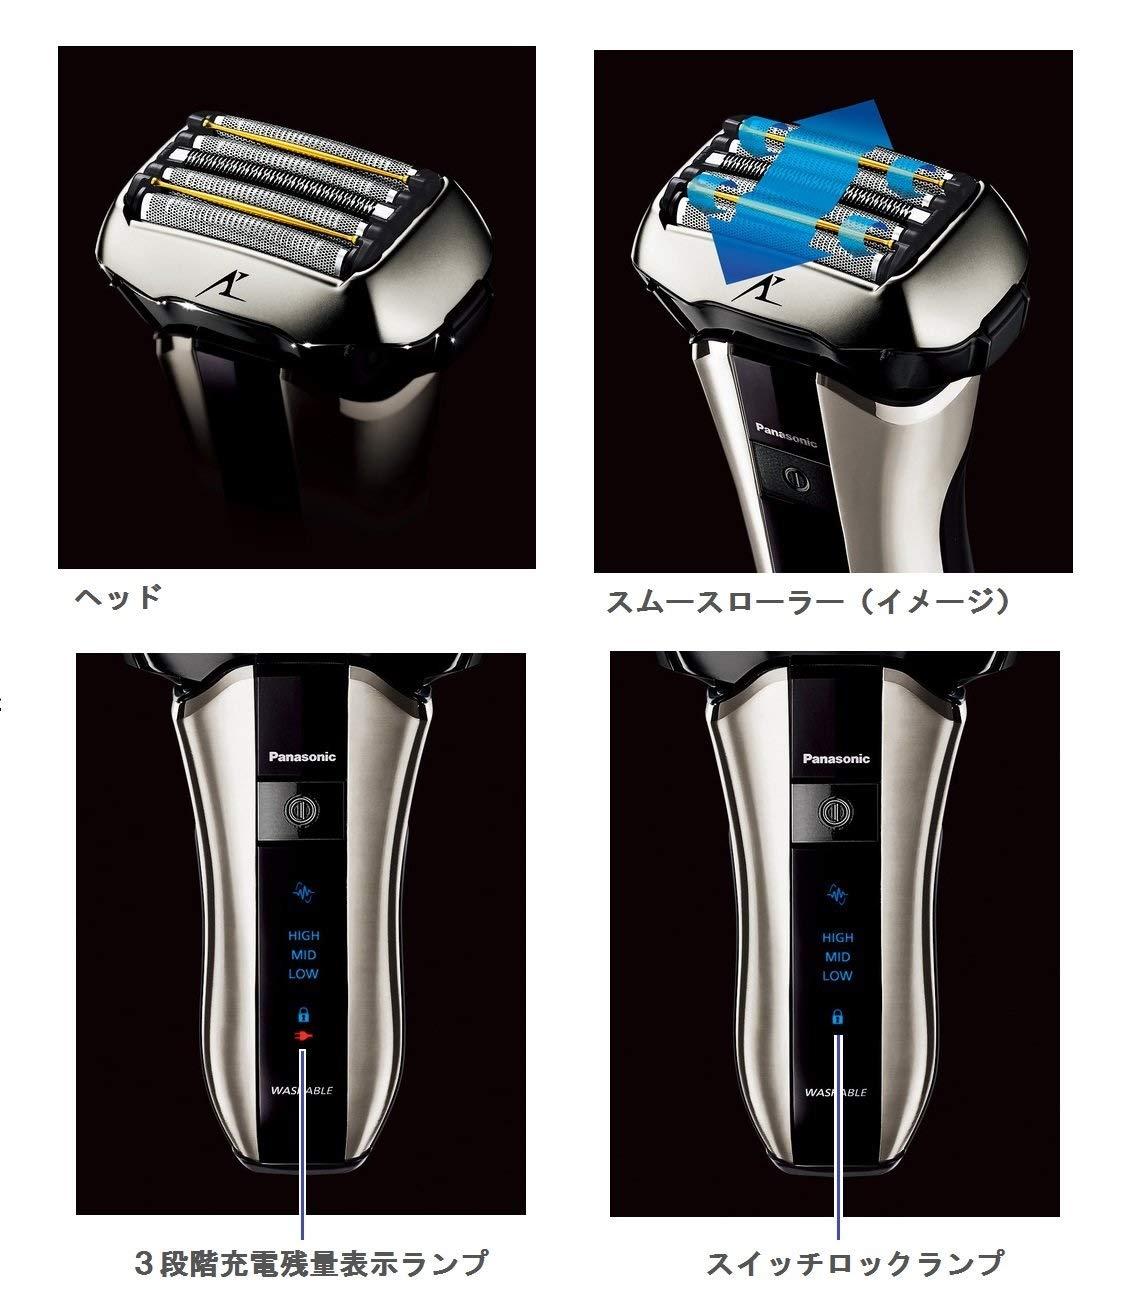 嘉頓國際 國際牌 PANASONIC 日本製【ES-CV70】三段電量顯示 五刀片  國際電壓 電鬍刀 水洗 5